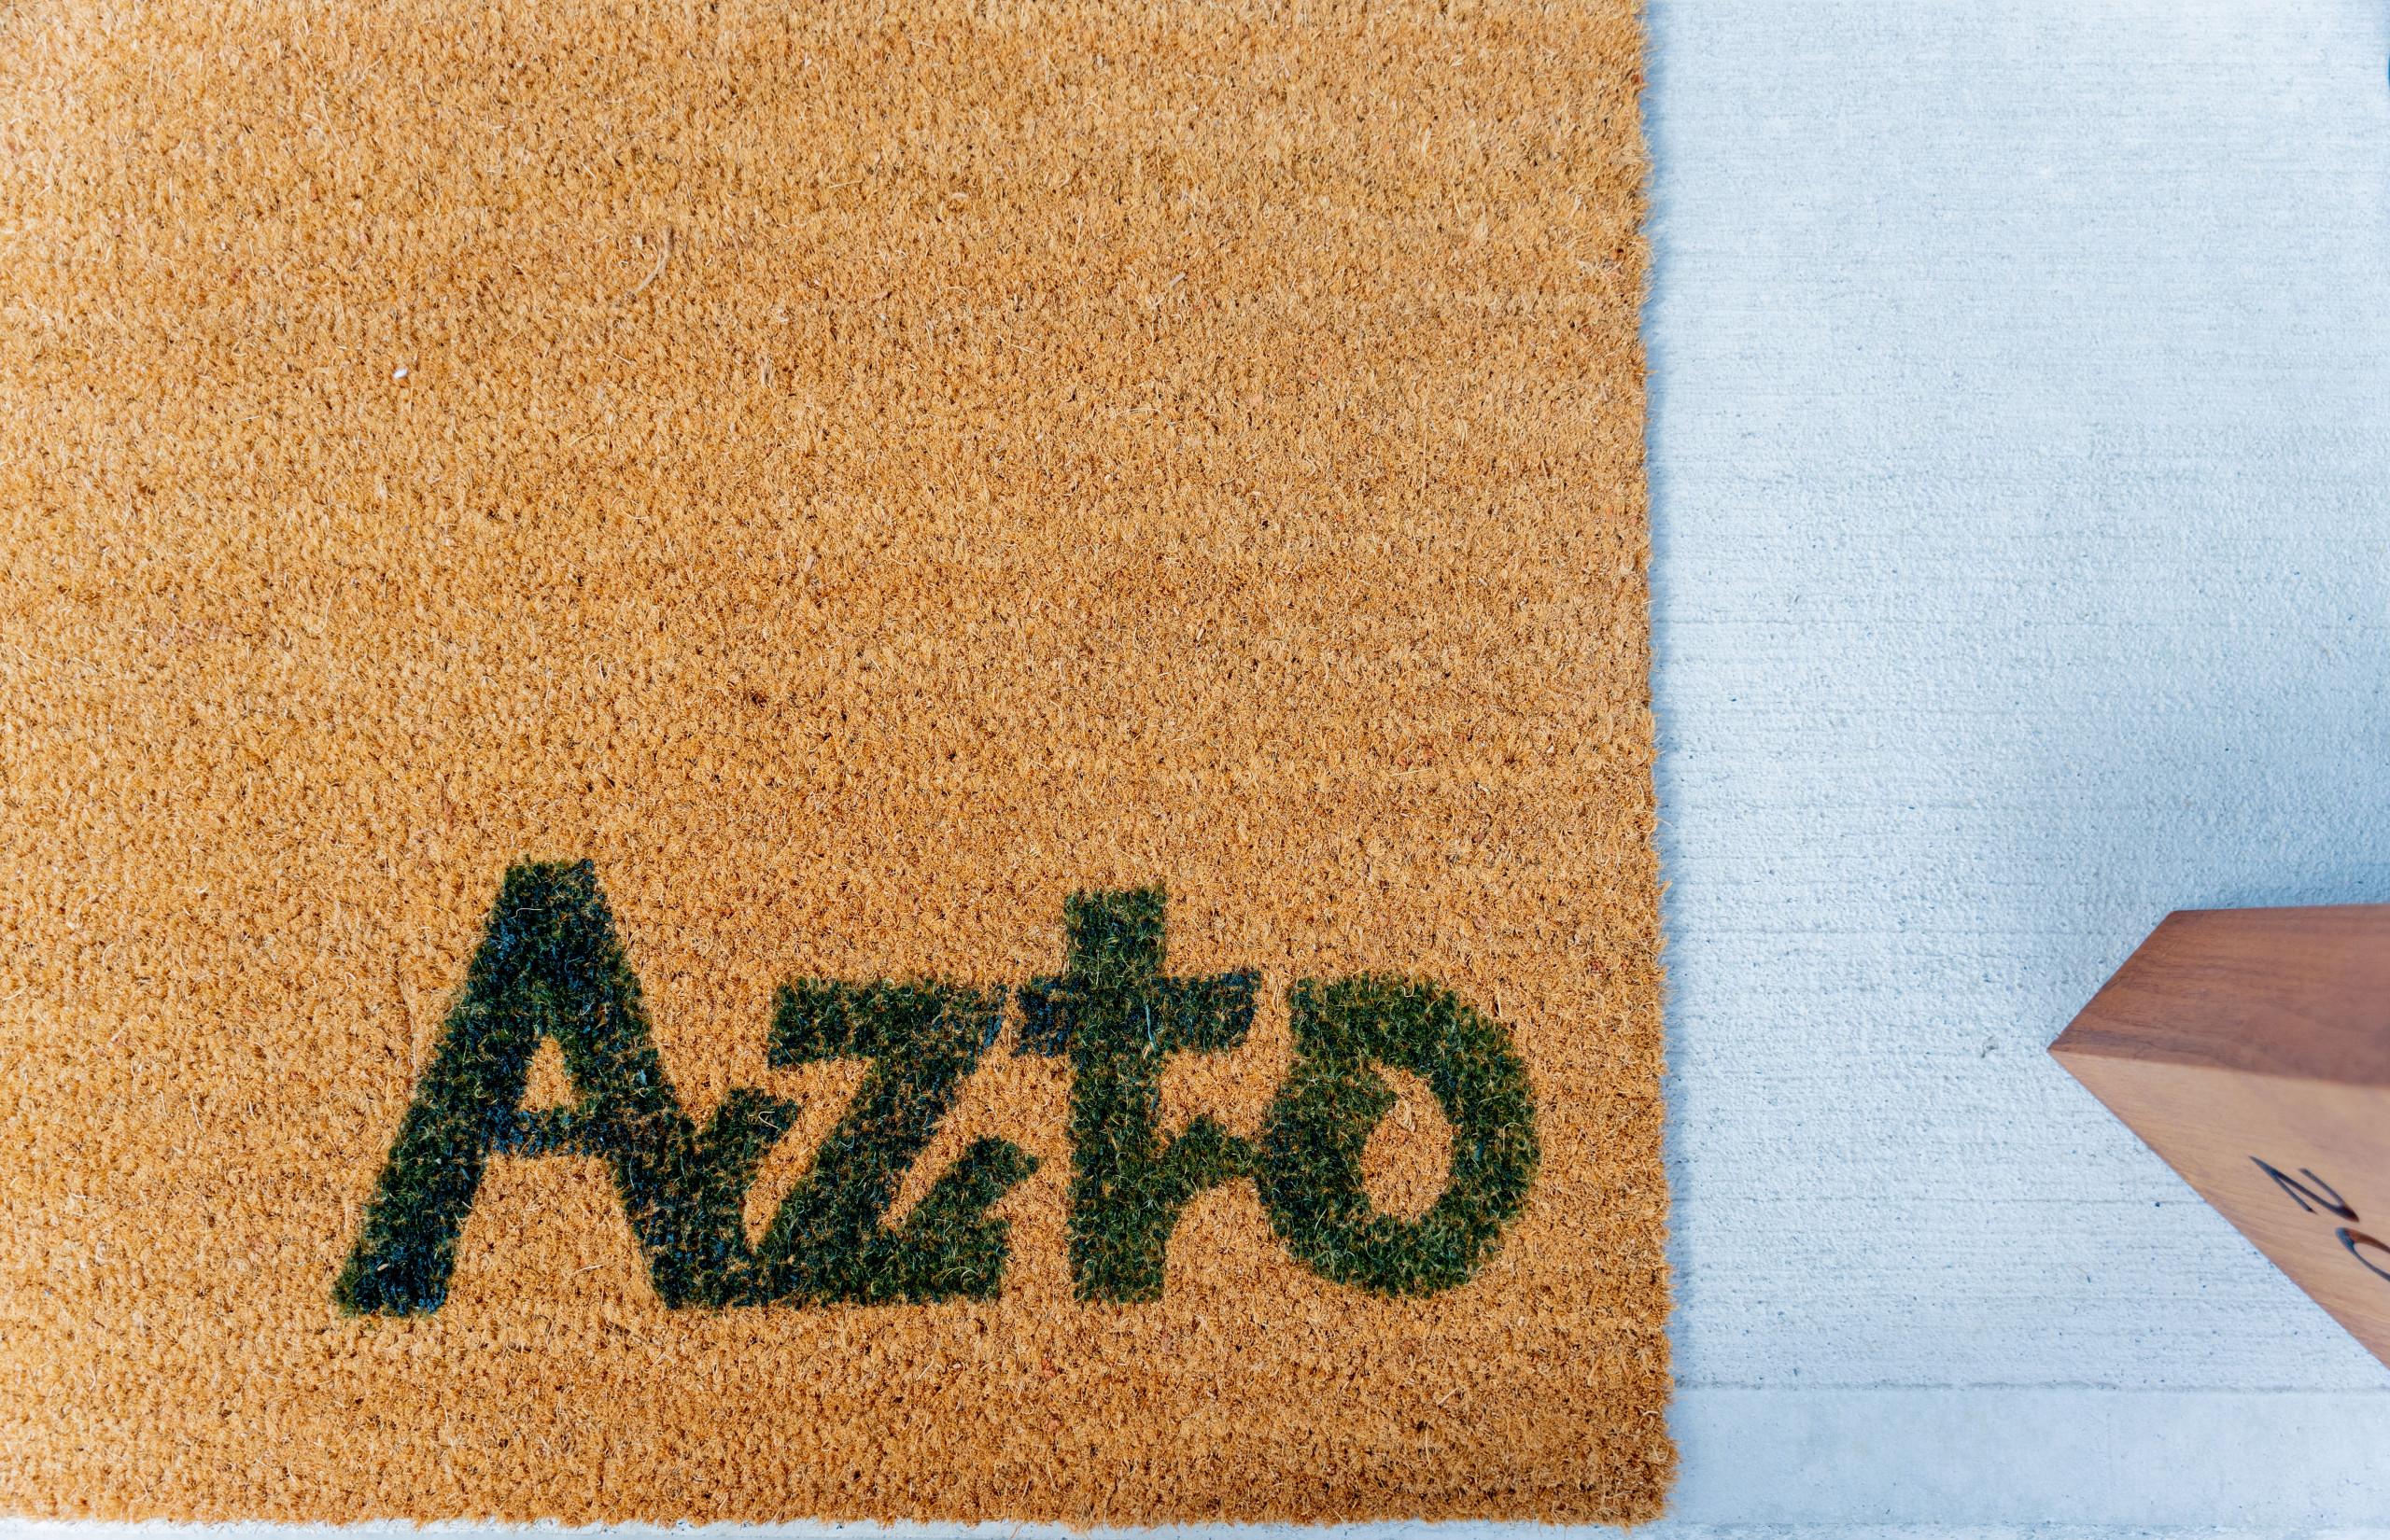 メンズカットサロン「AZTO」